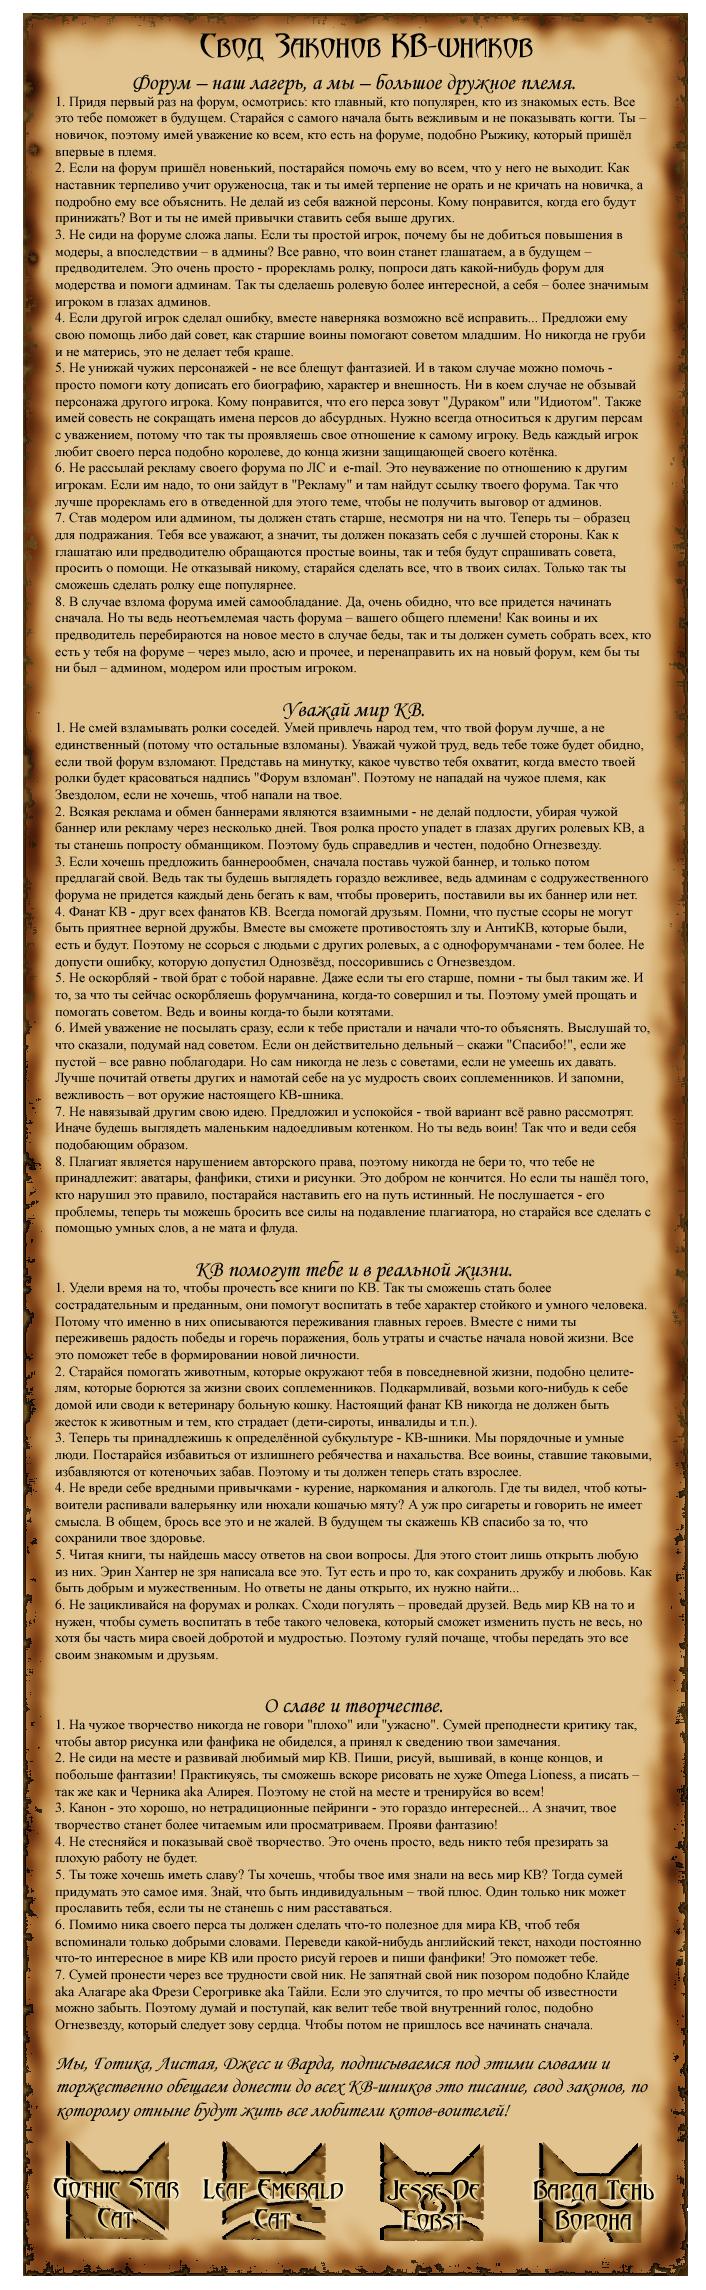 http://s1.imgdb.ru/2008-08/20/-1c-2222-png_mk4boh2g.png